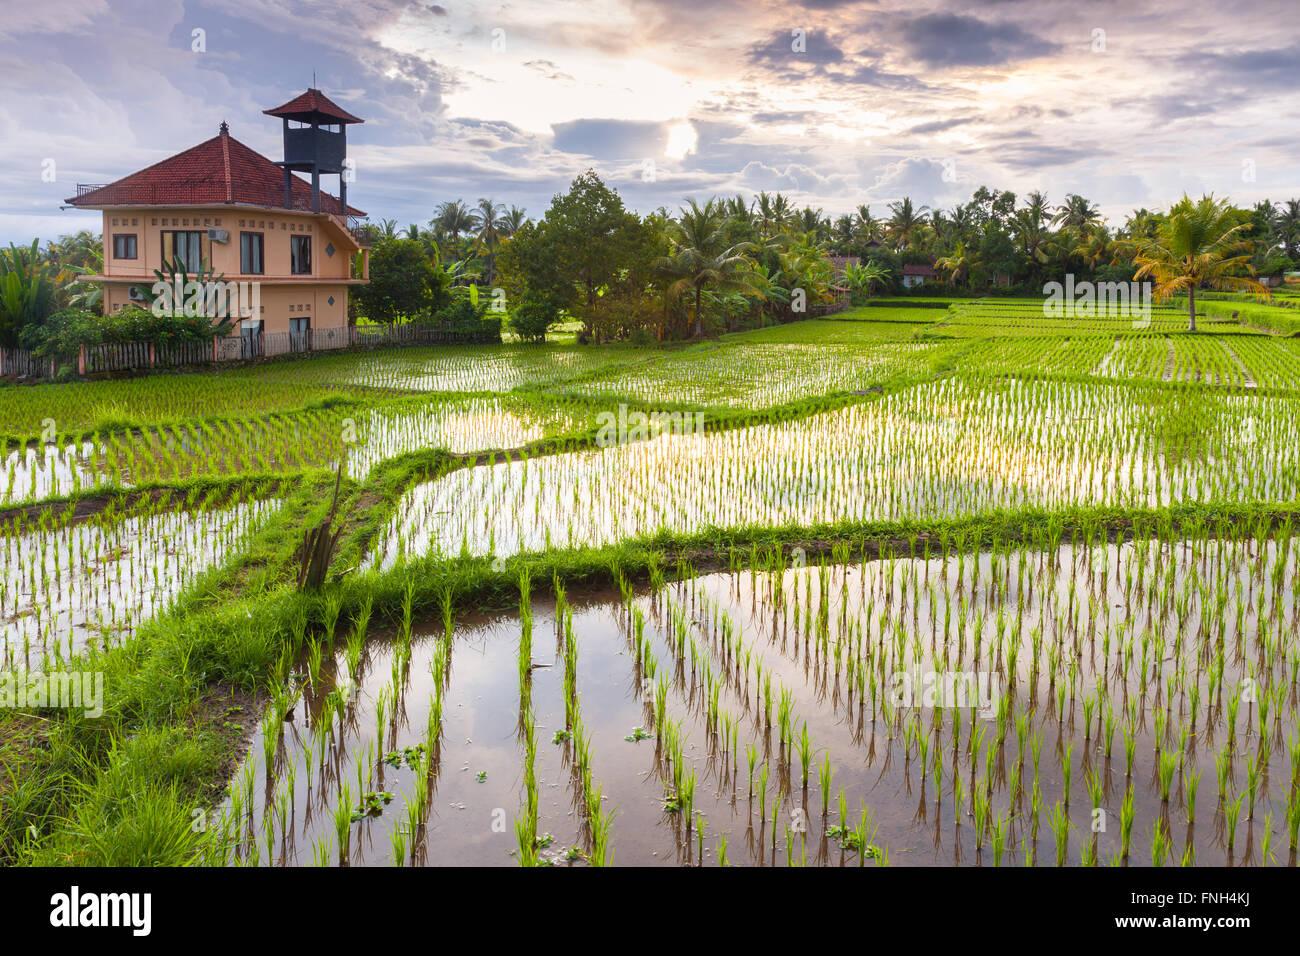 Magnifique coucher de soleil sur le champ de riz, Ubud, Bali, Indonésie. Photo Stock